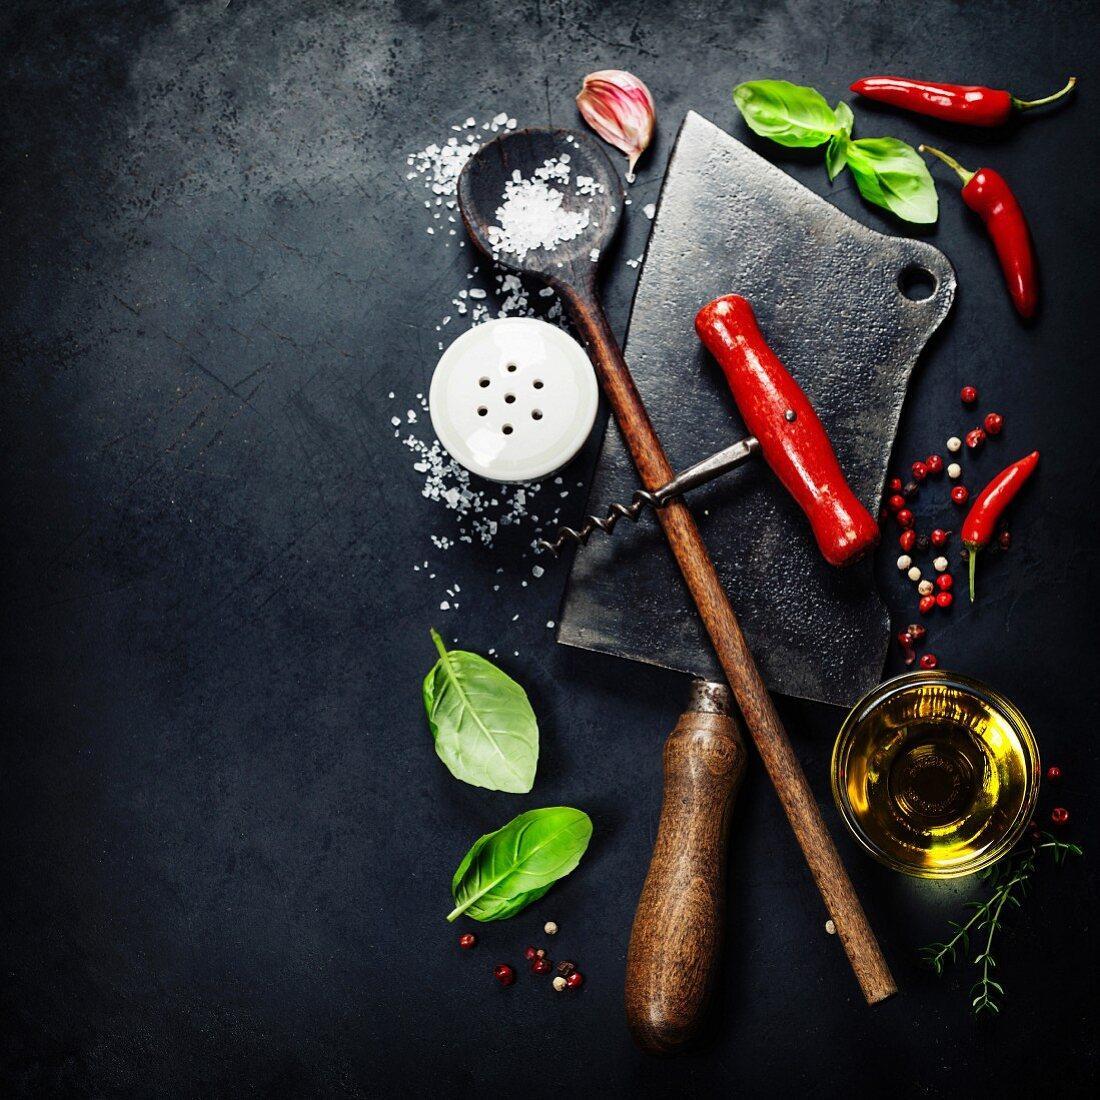 Antike Küchenutenslien und frische Zutaten auf dunklem Hintergrund